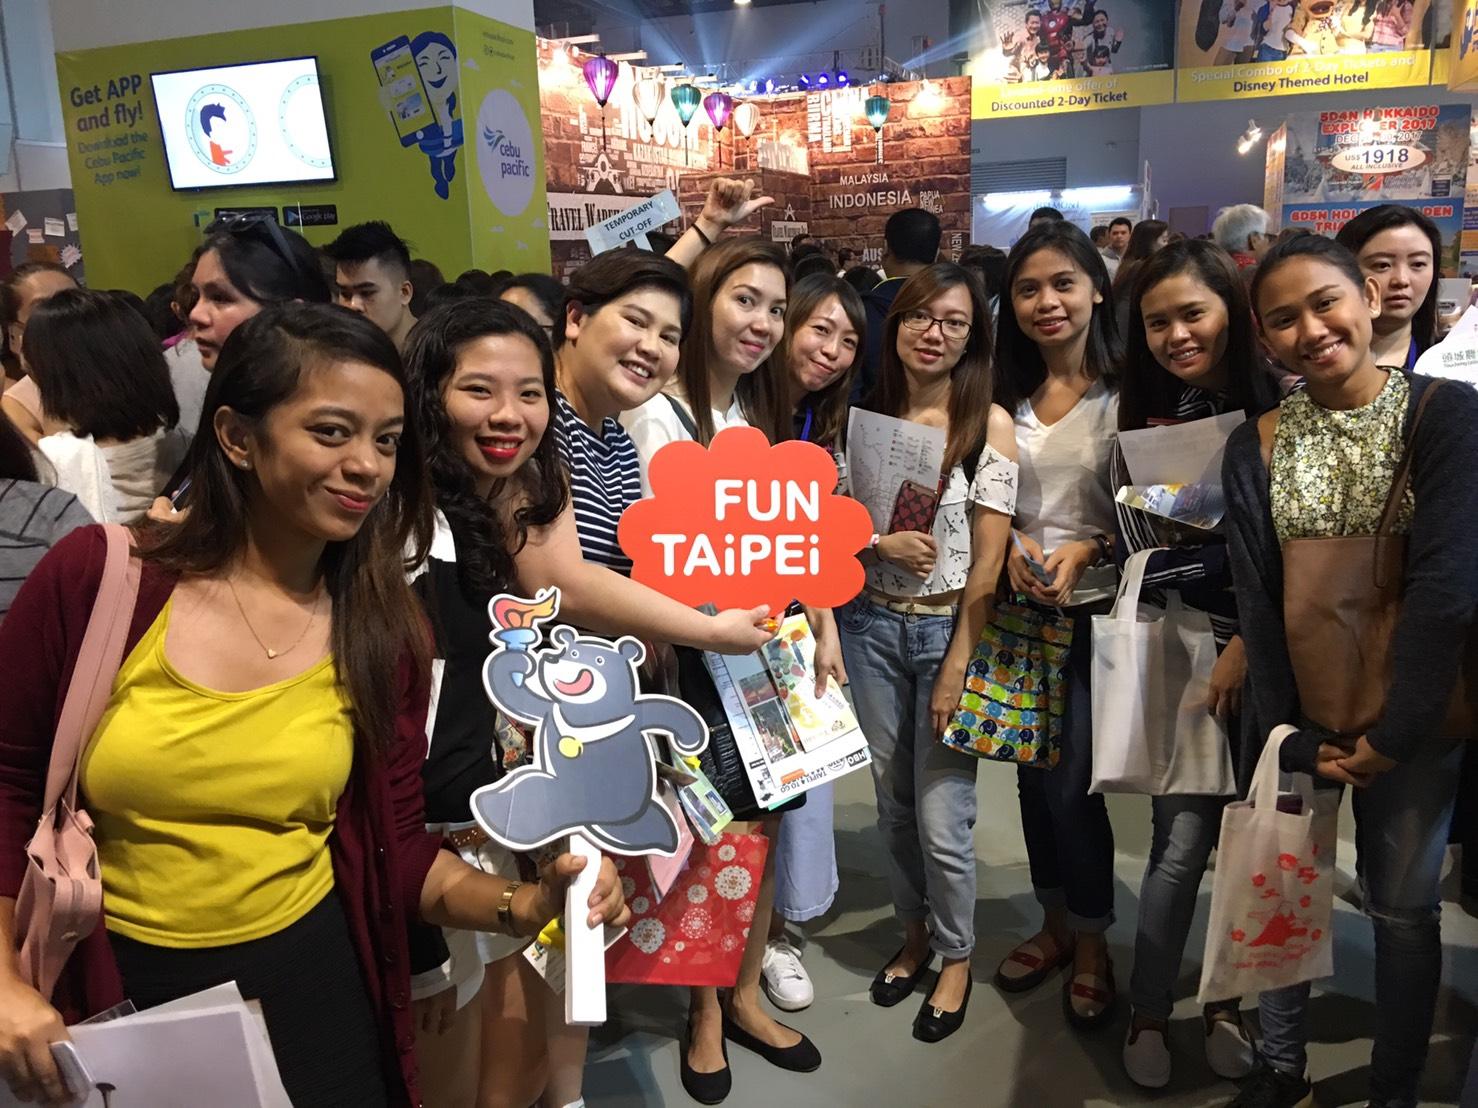 臺北市攤位吸引許多業者及旅客詢問旅遊資訊。